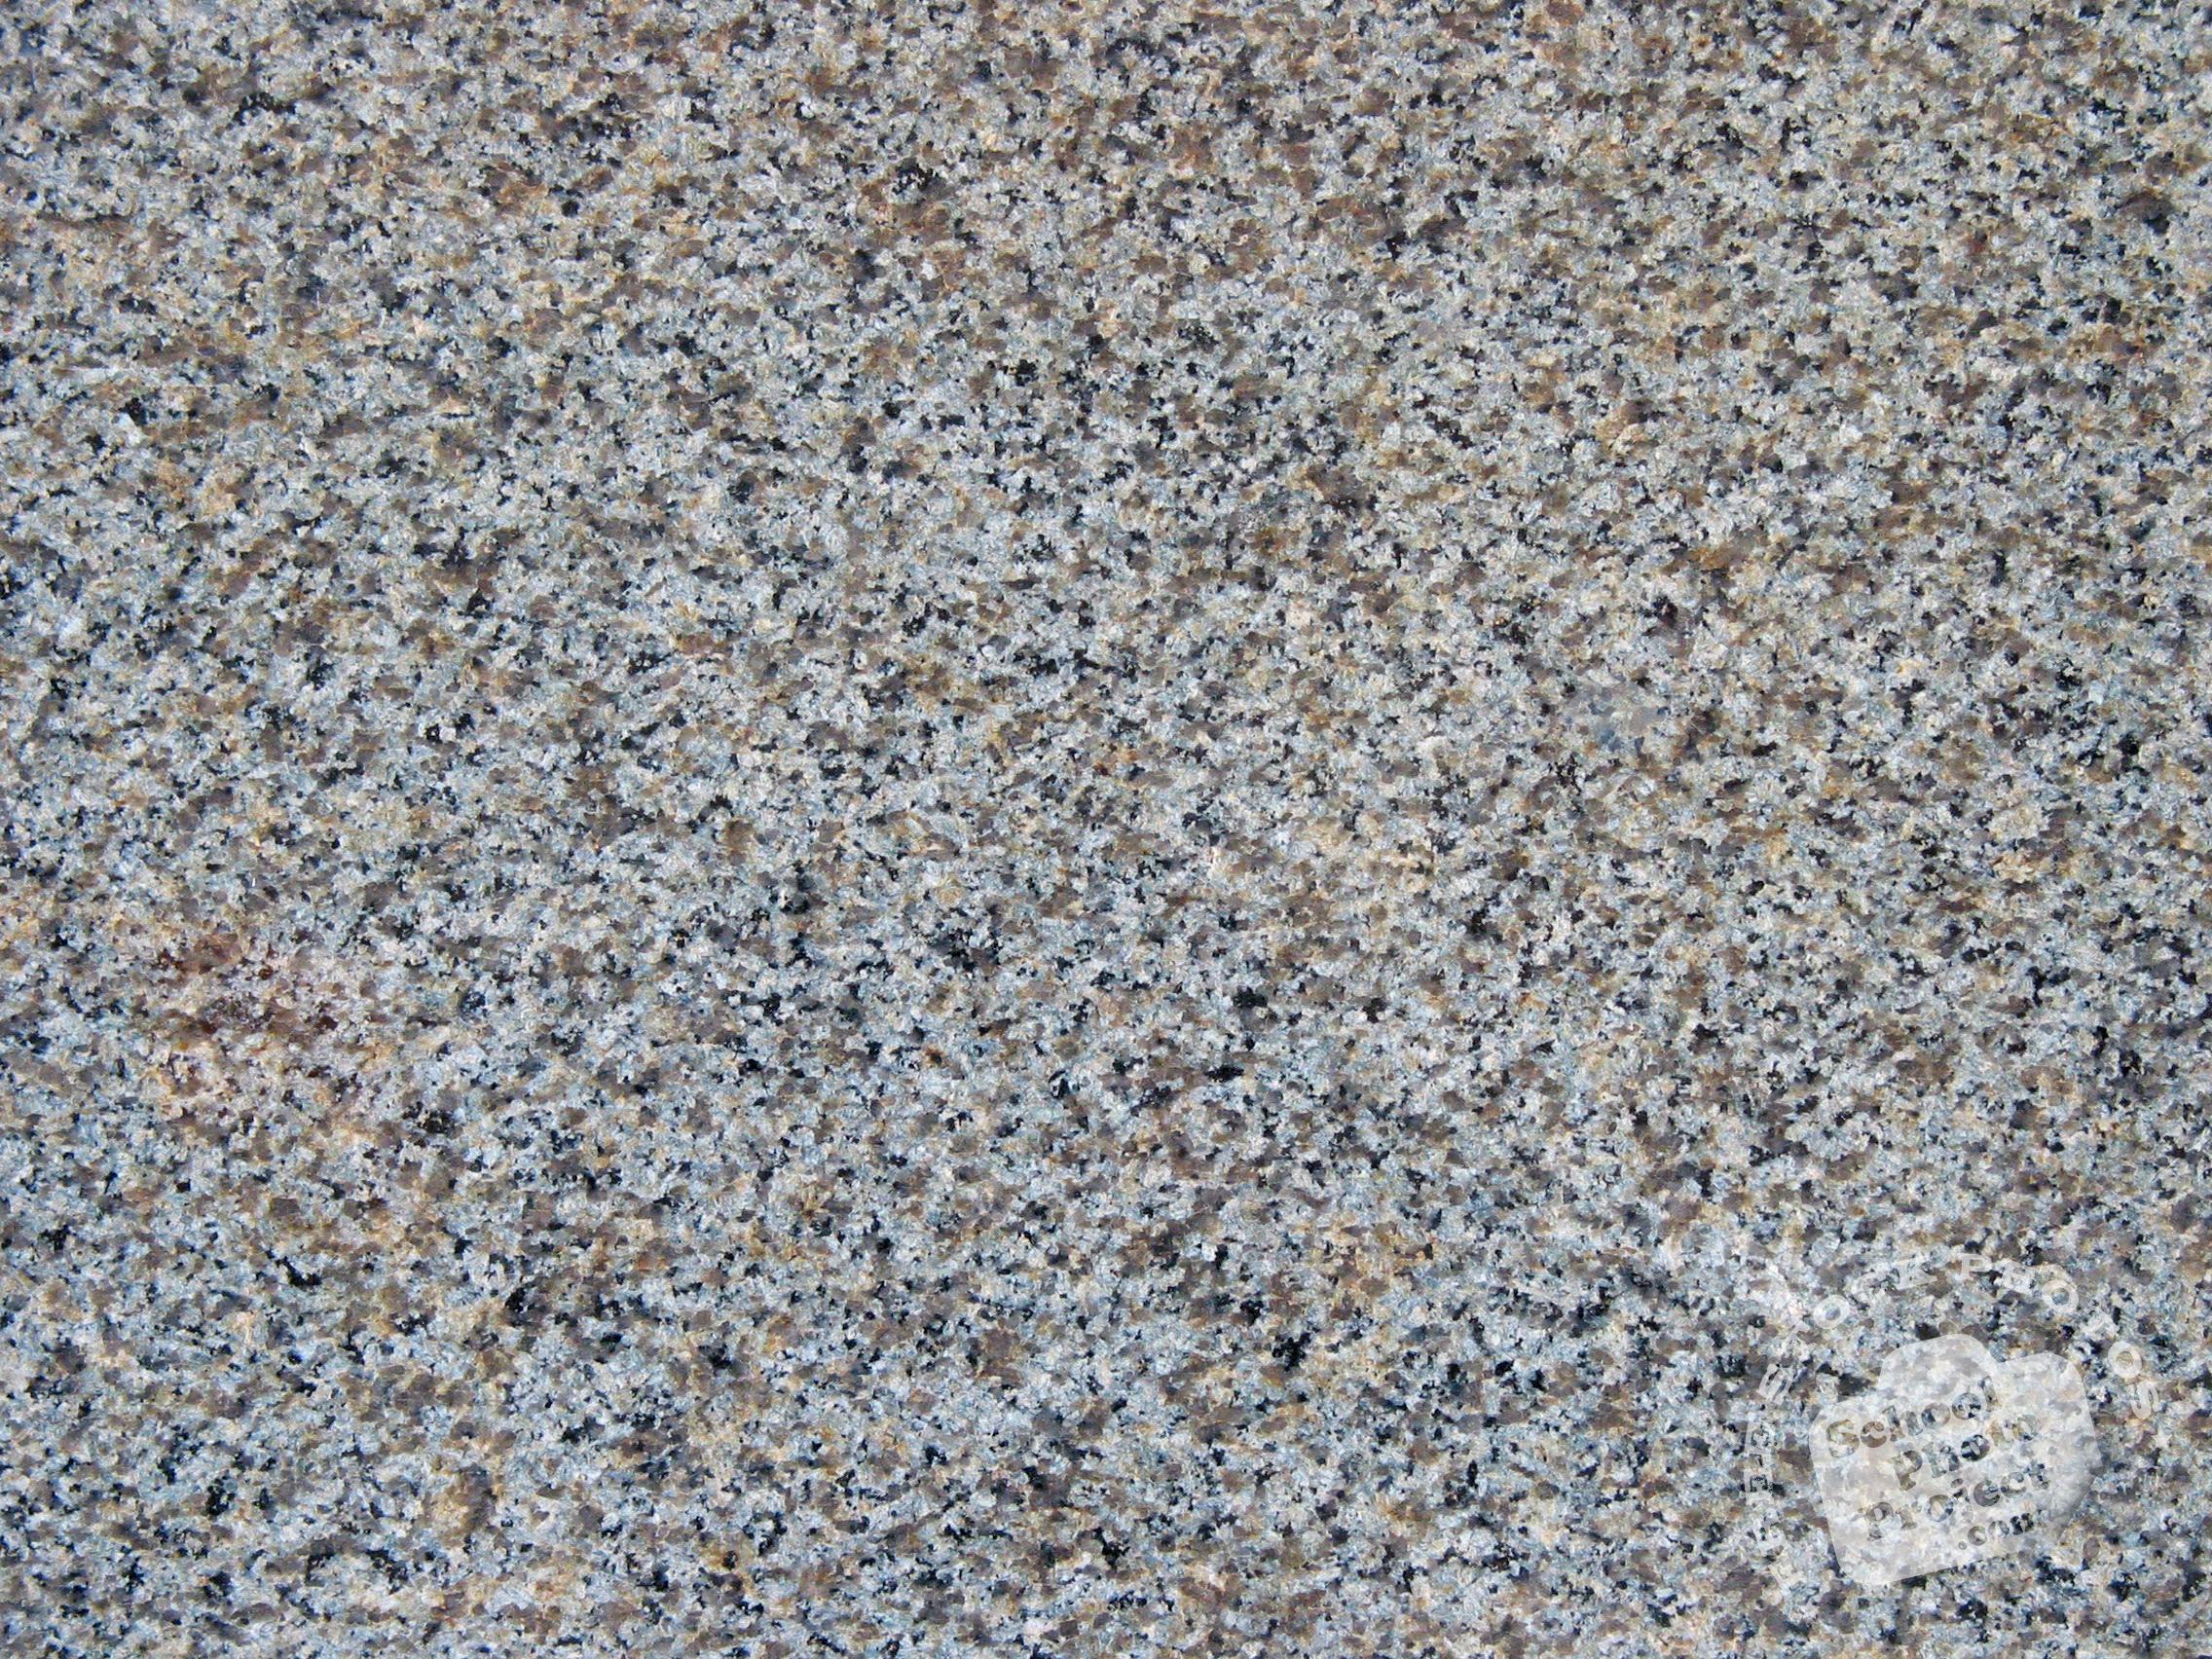 Granite Stone Texture : Granite free stock photo image picture stone